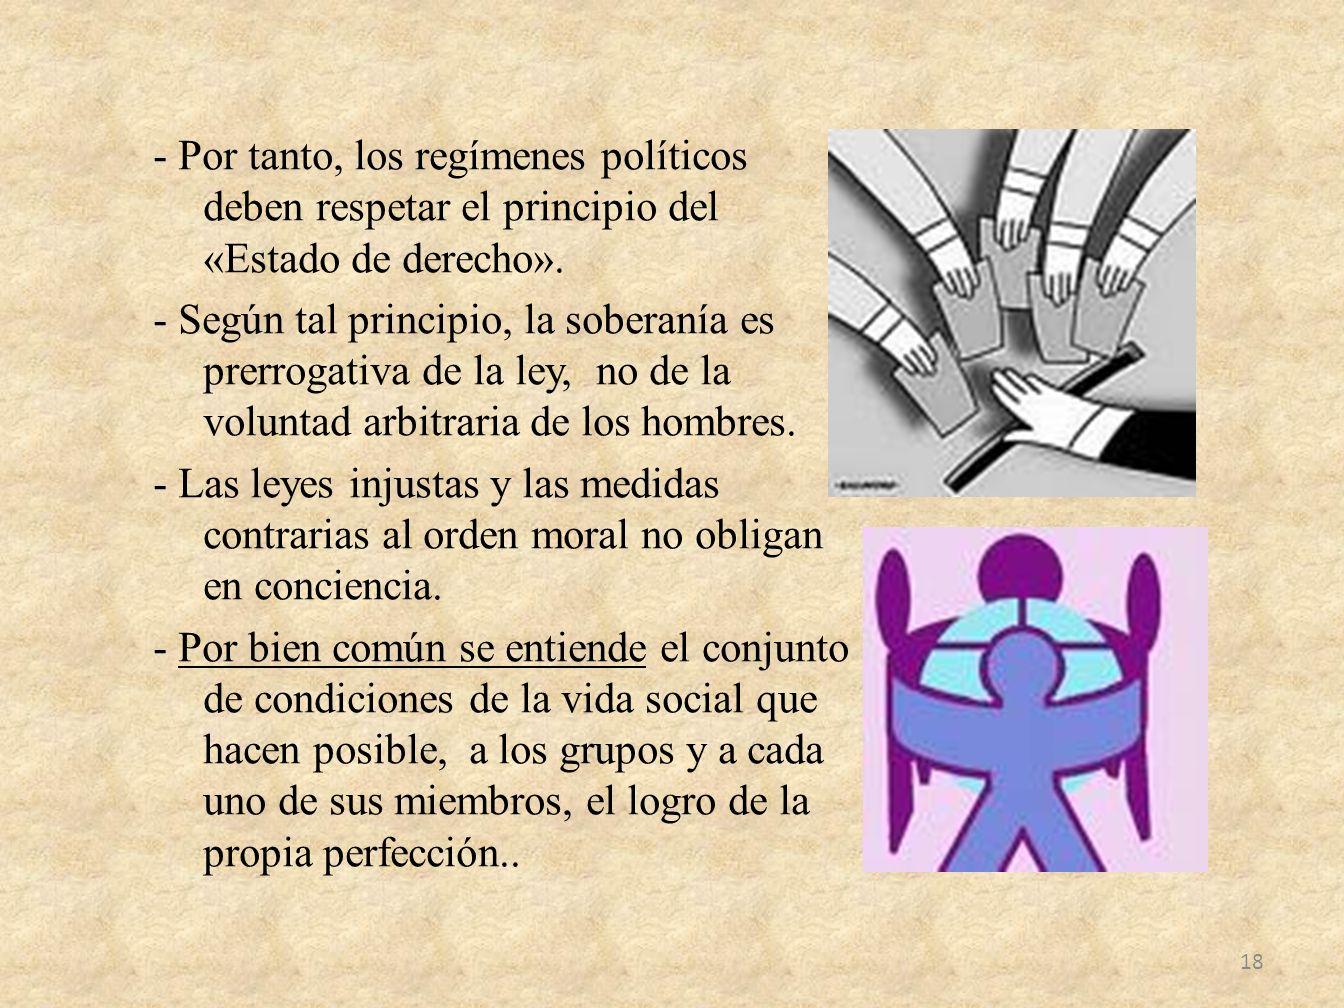 - Por tanto, los regímenes políticos deben respetar el principio del «Estado de derecho».